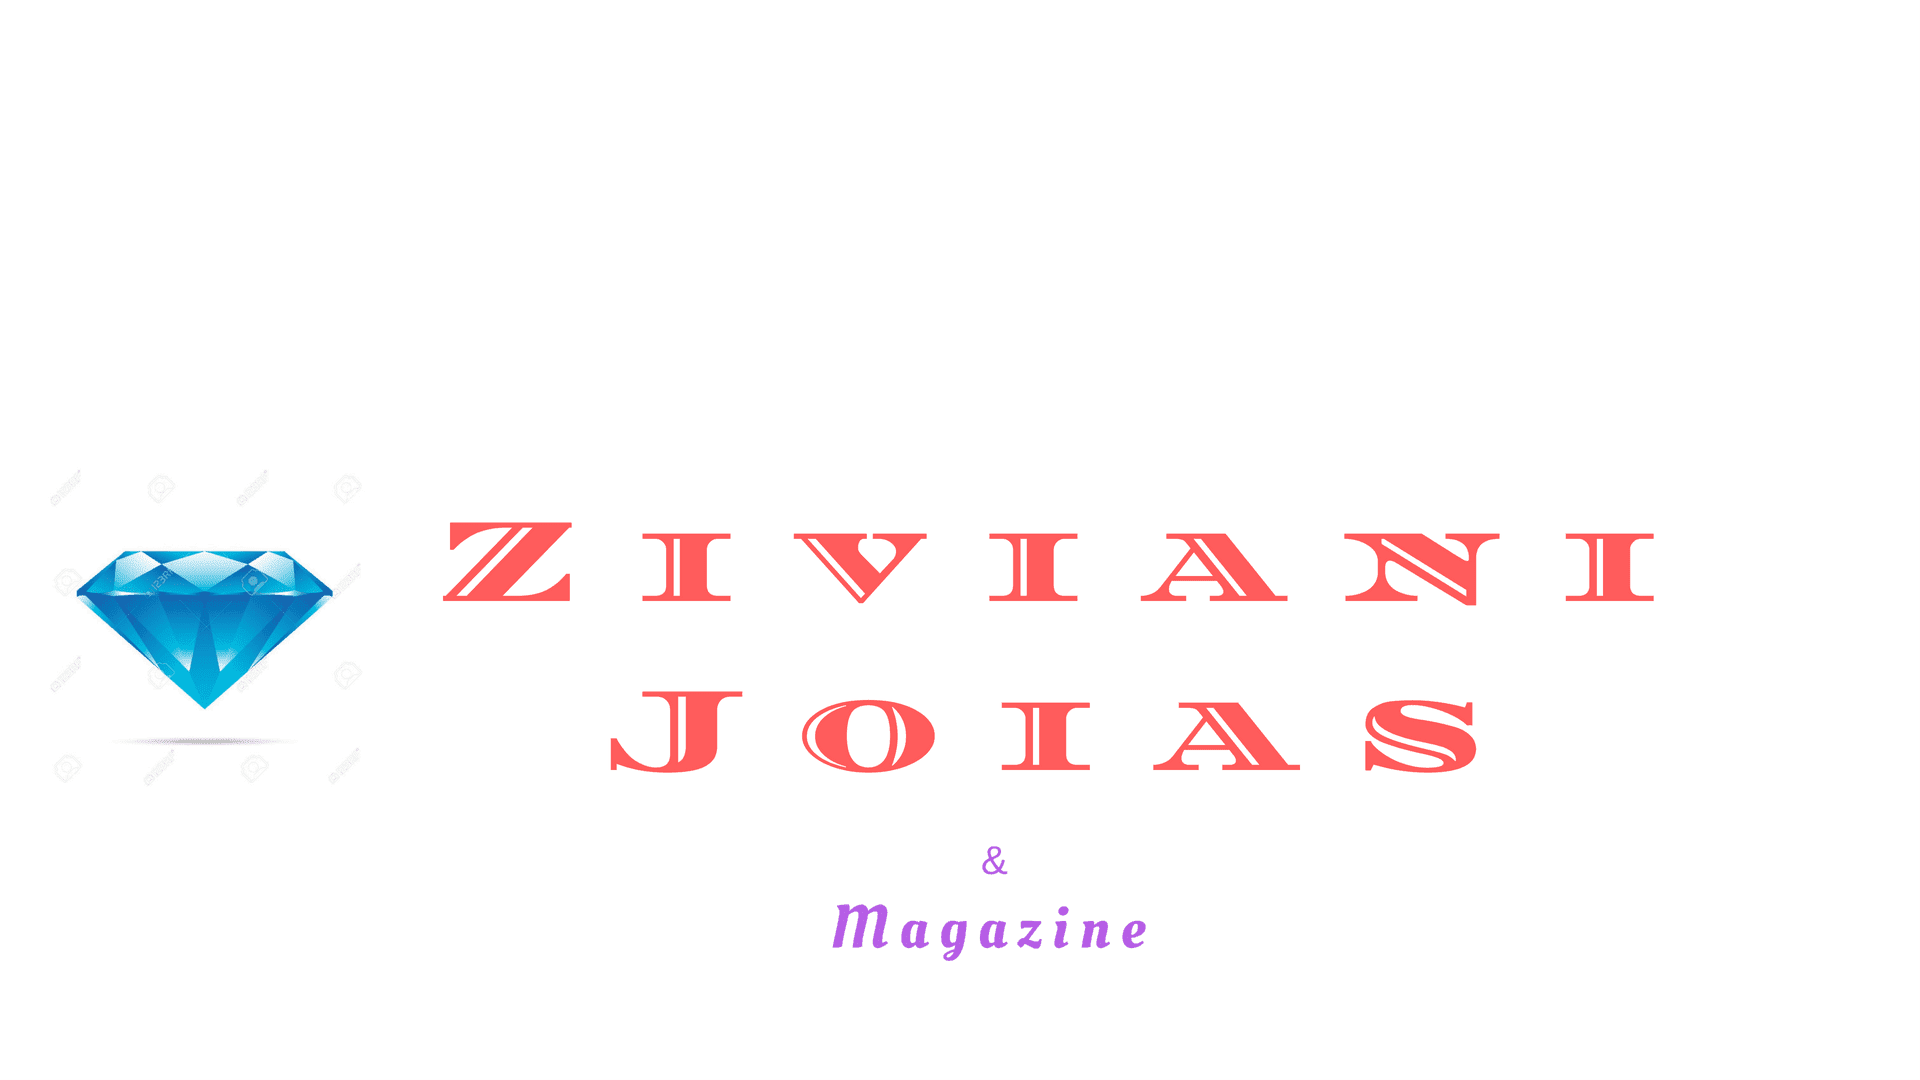 (c) Zivianijoias.com.br